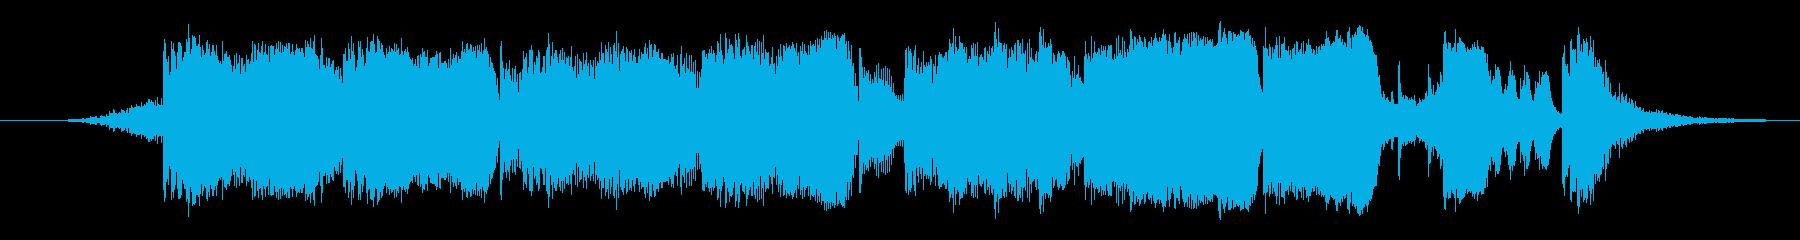 元気でキャッチーなファンファーレ2の再生済みの波形